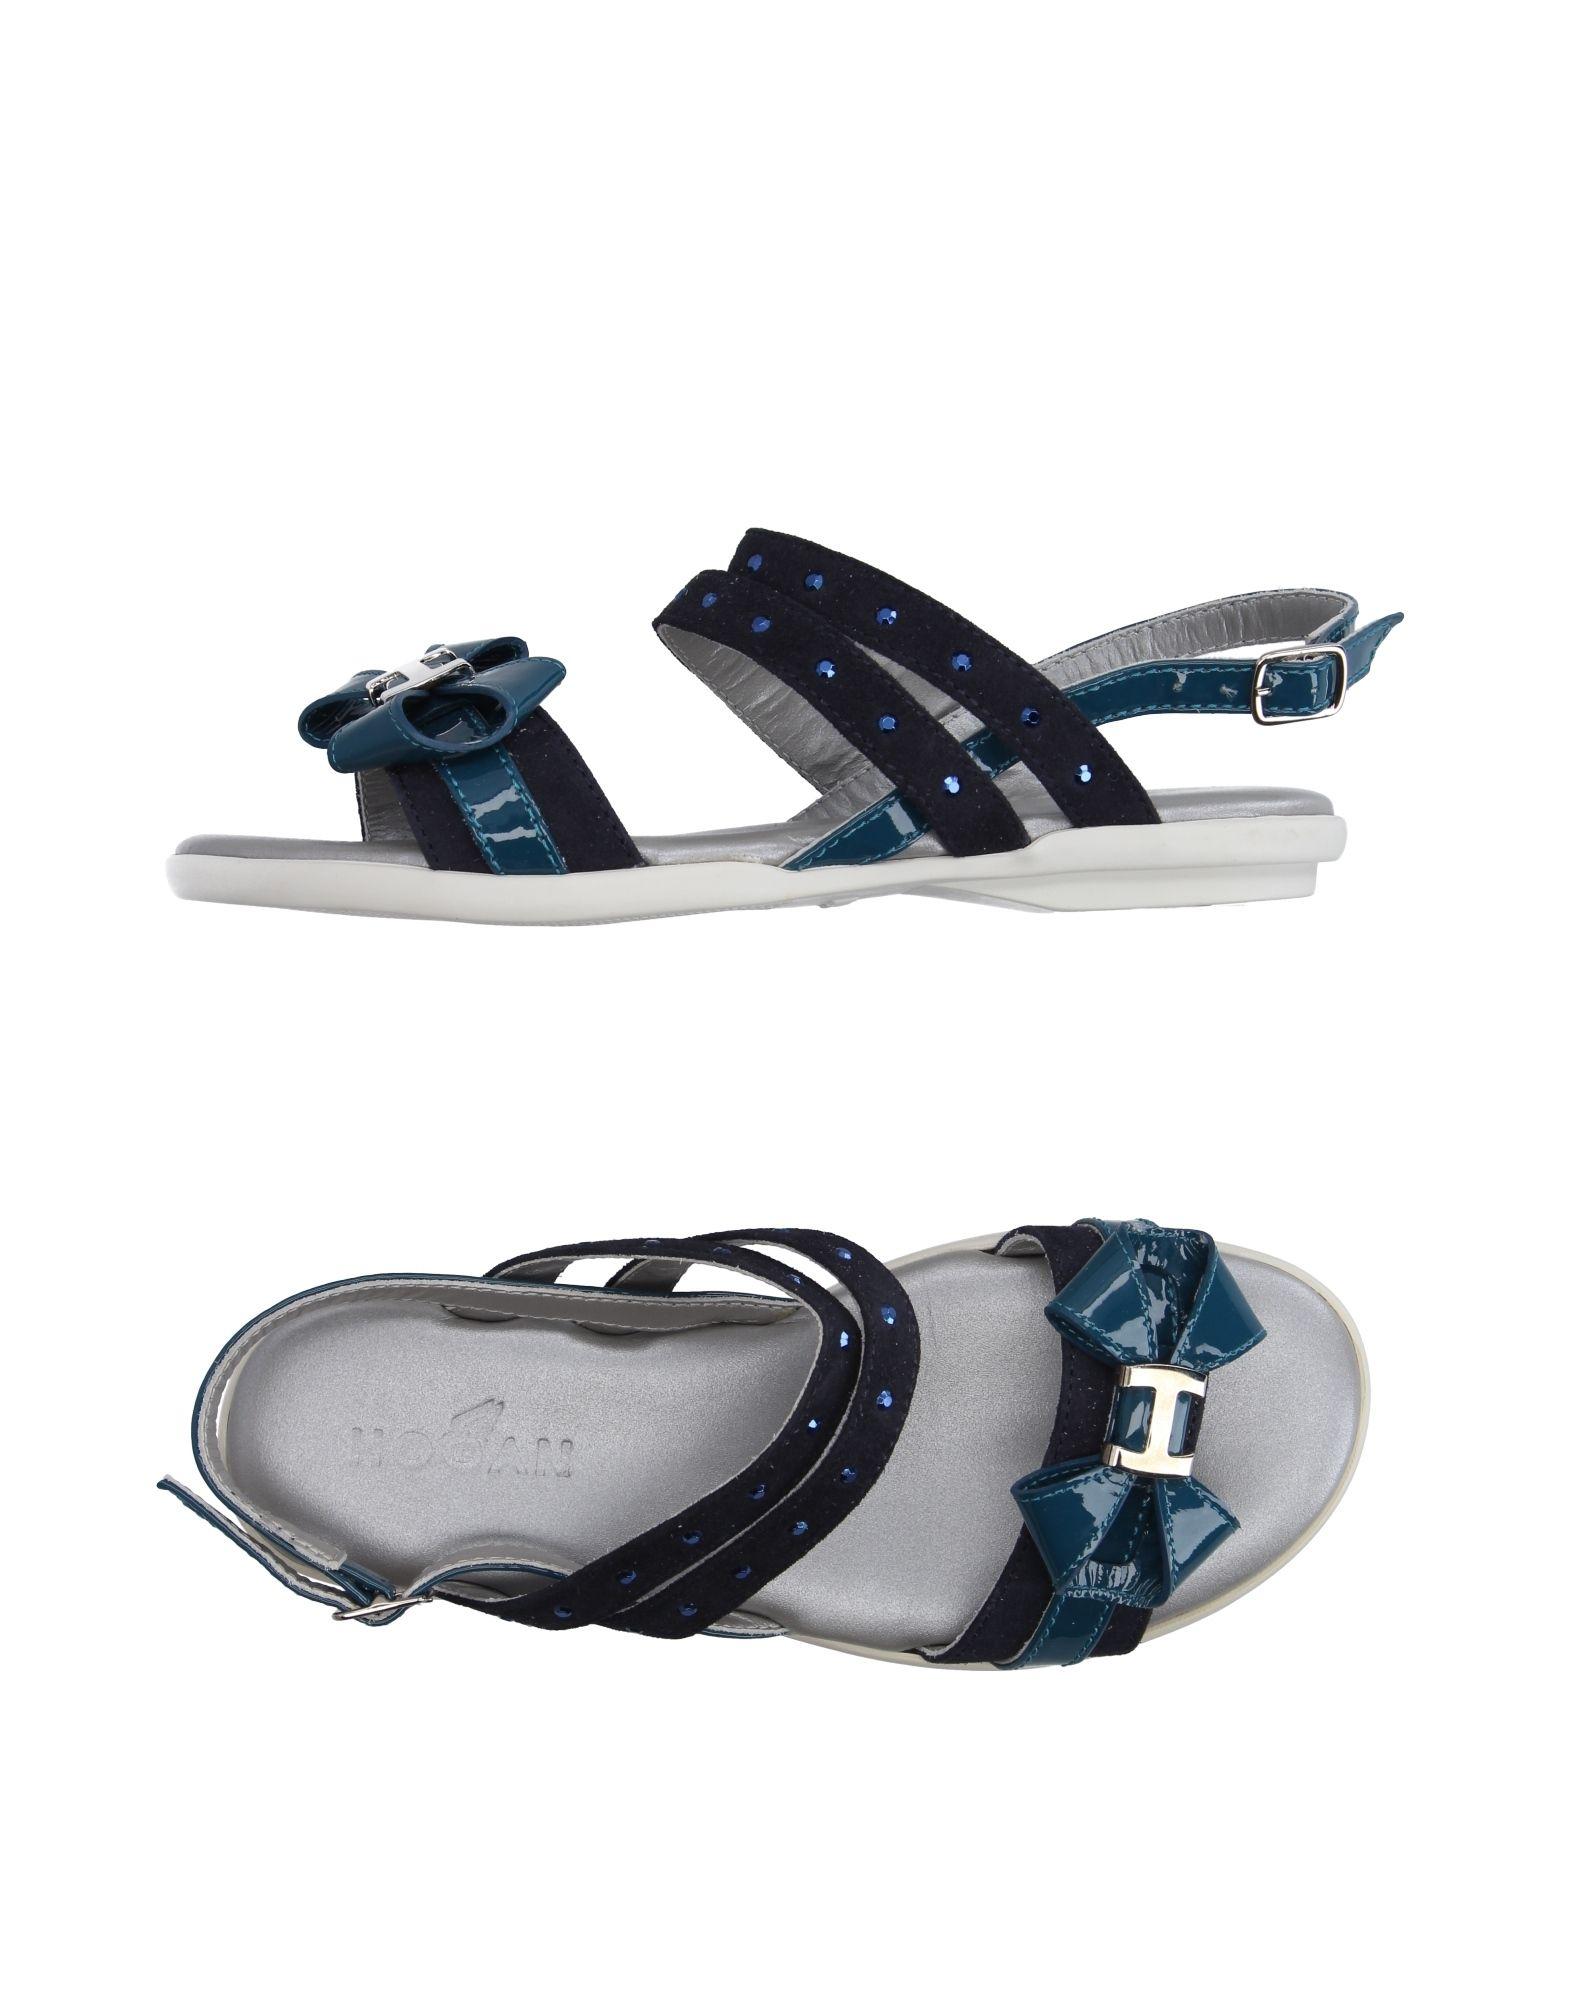 HOGAN JUNIOR Mädchen 3-8 jahre Sandale Farbe Dunkelblau Größe 15 jetztbilligerkaufen